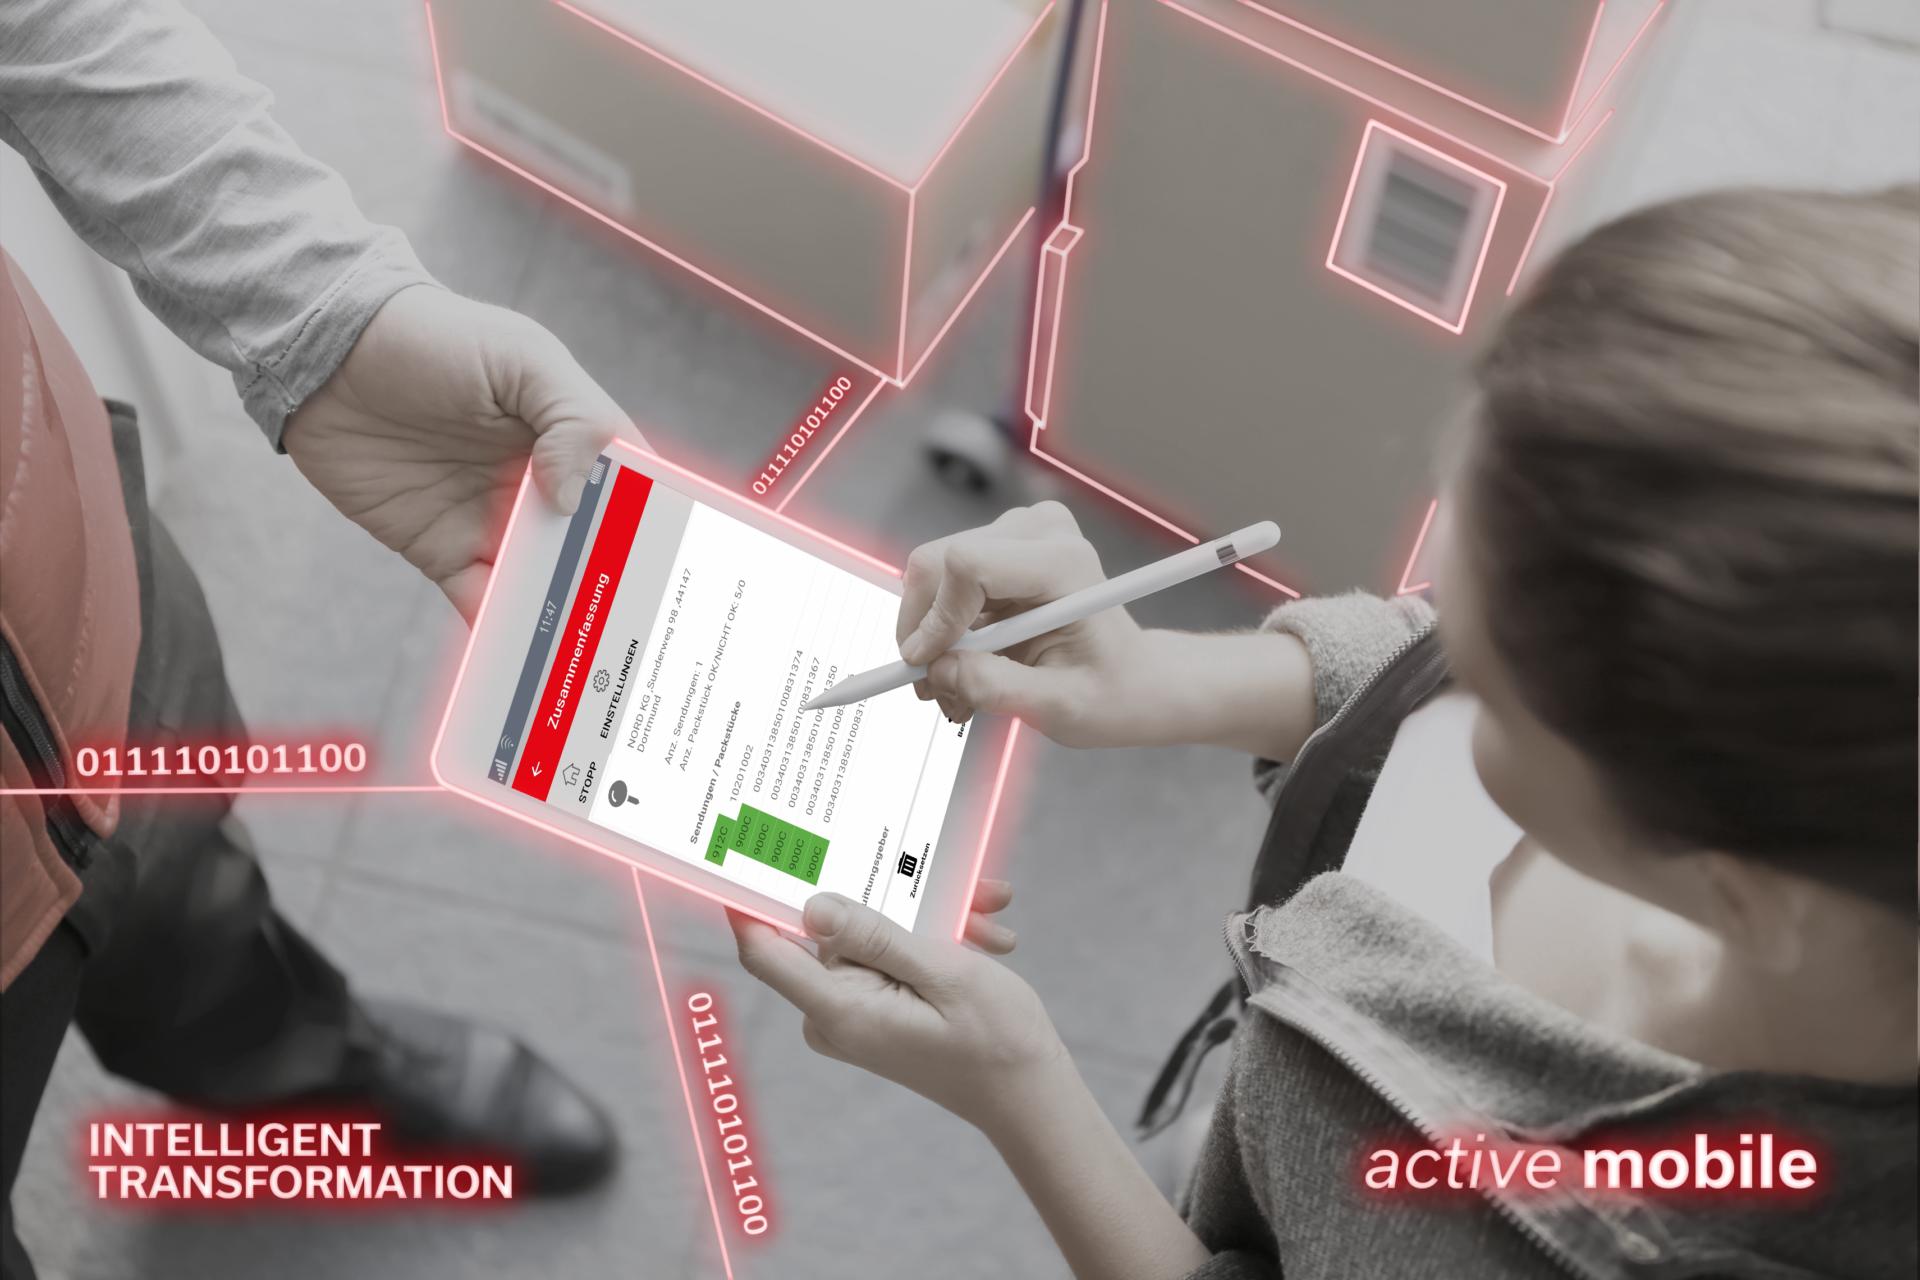 App zur Abholung und Zustellung mit durchgängigen Datenfluss zur Unterstützung Ihrer bestehenden Systeme